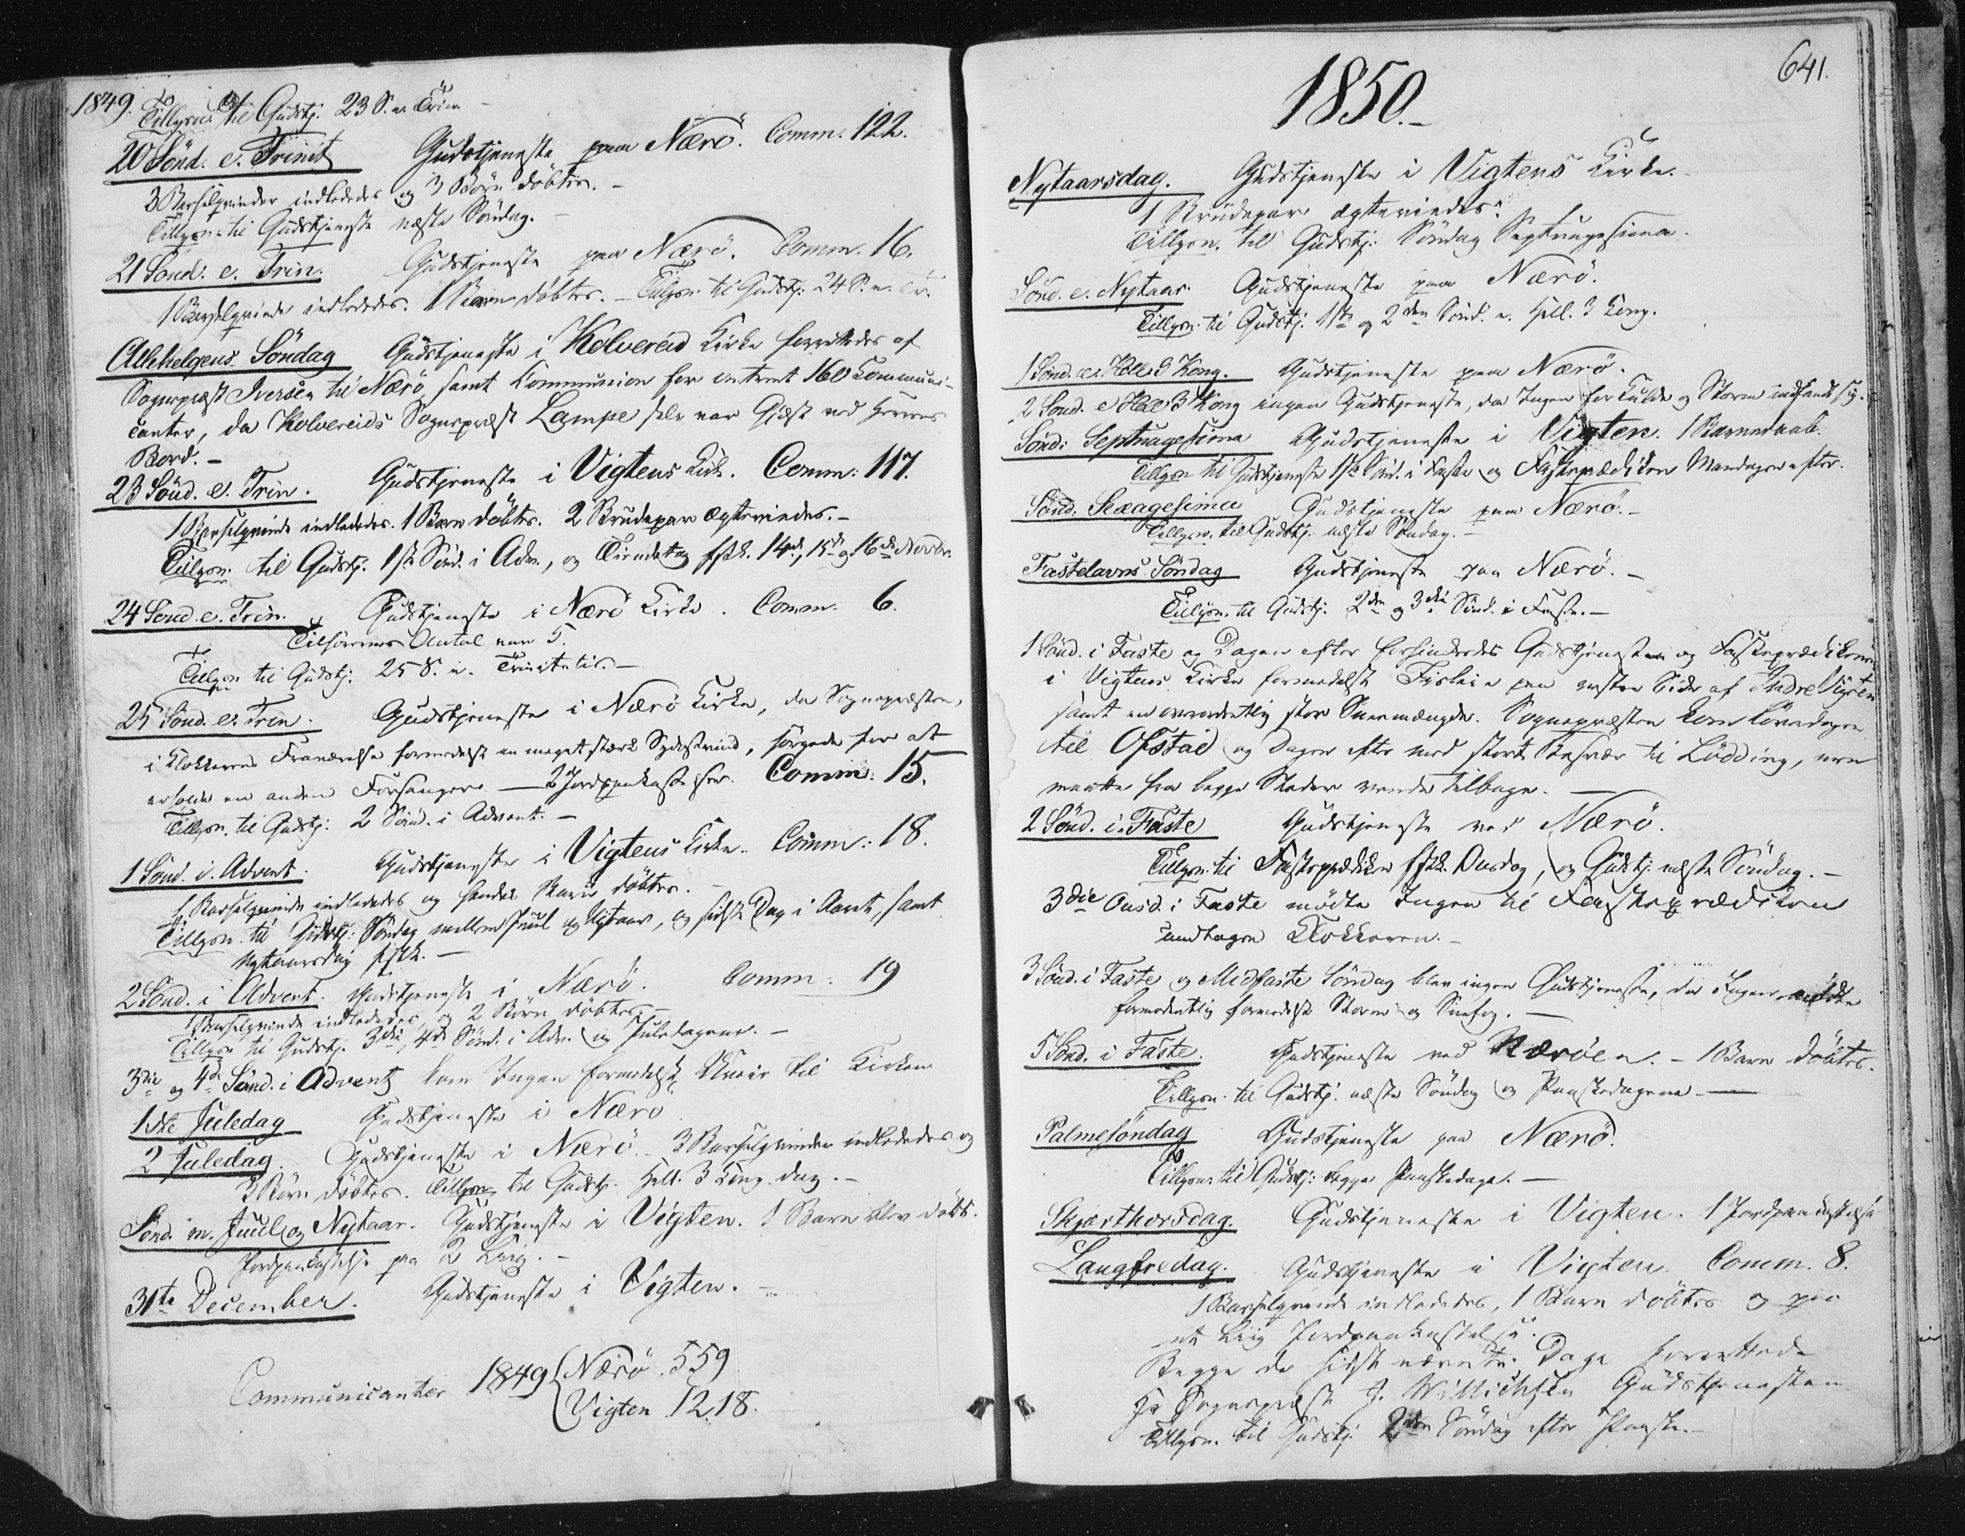 SAT, Ministerialprotokoller, klokkerbøker og fødselsregistre - Nord-Trøndelag, 784/L0669: Ministerialbok nr. 784A04, 1829-1859, s. 641